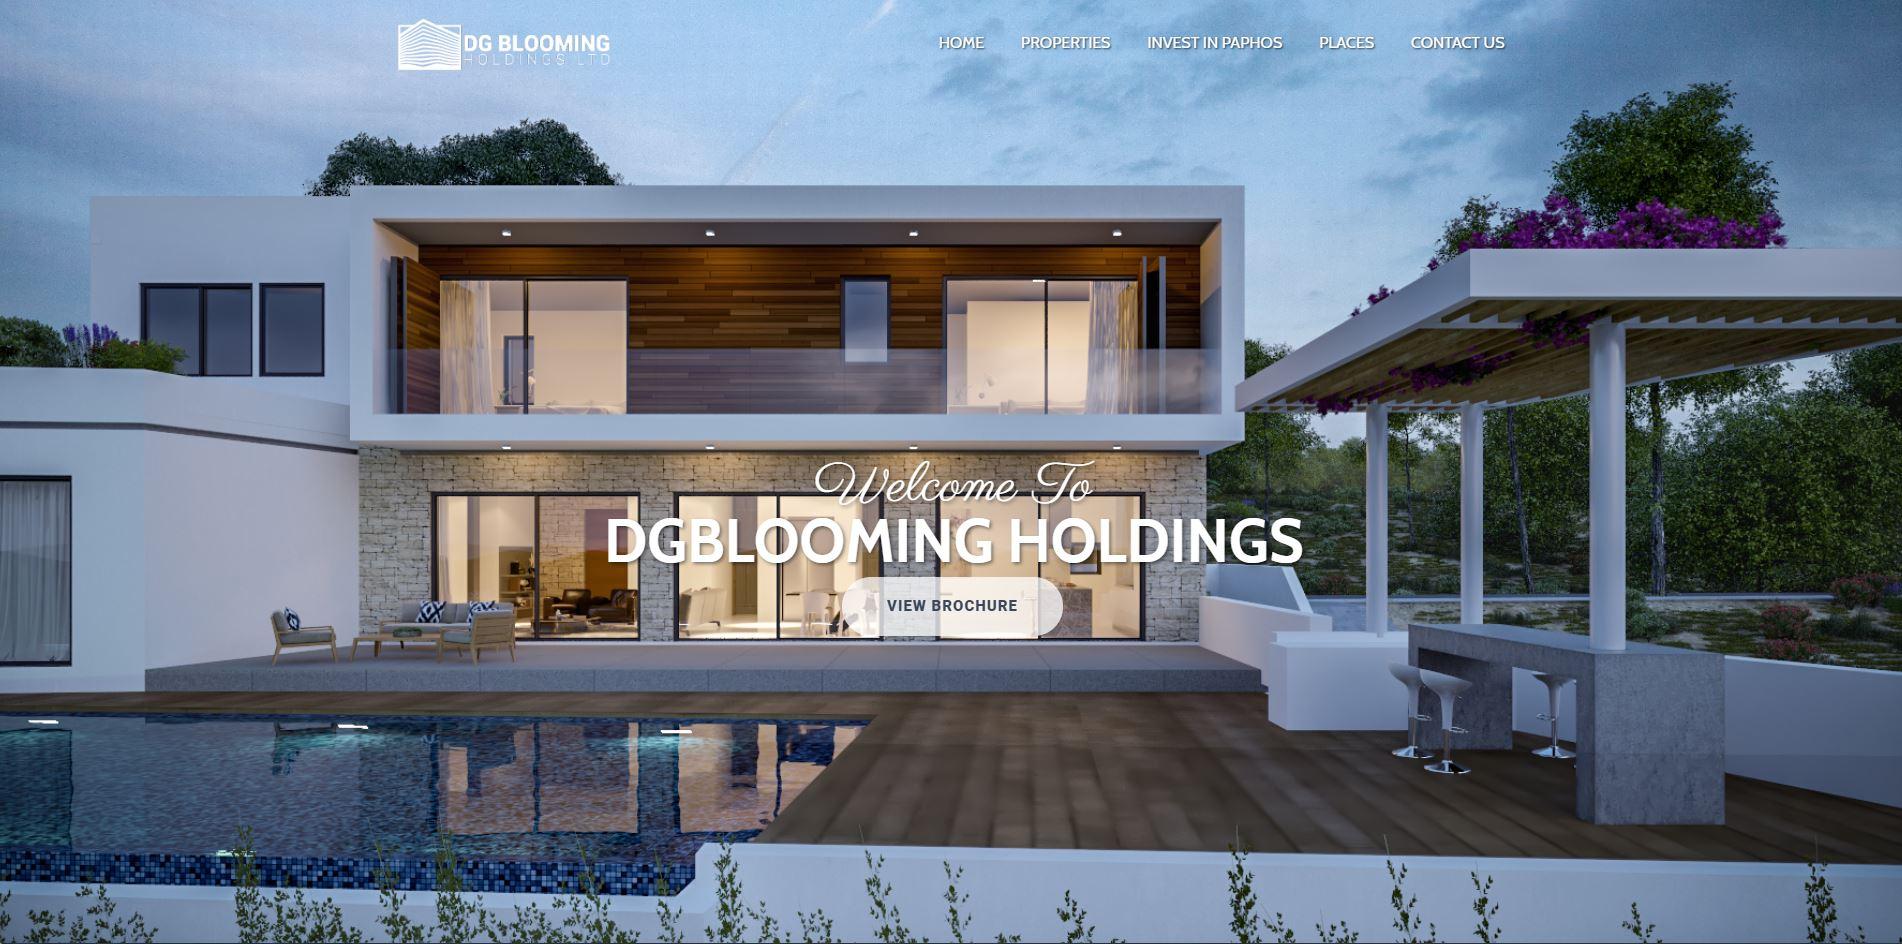 DGBLOOMING HOLDINGS - 1